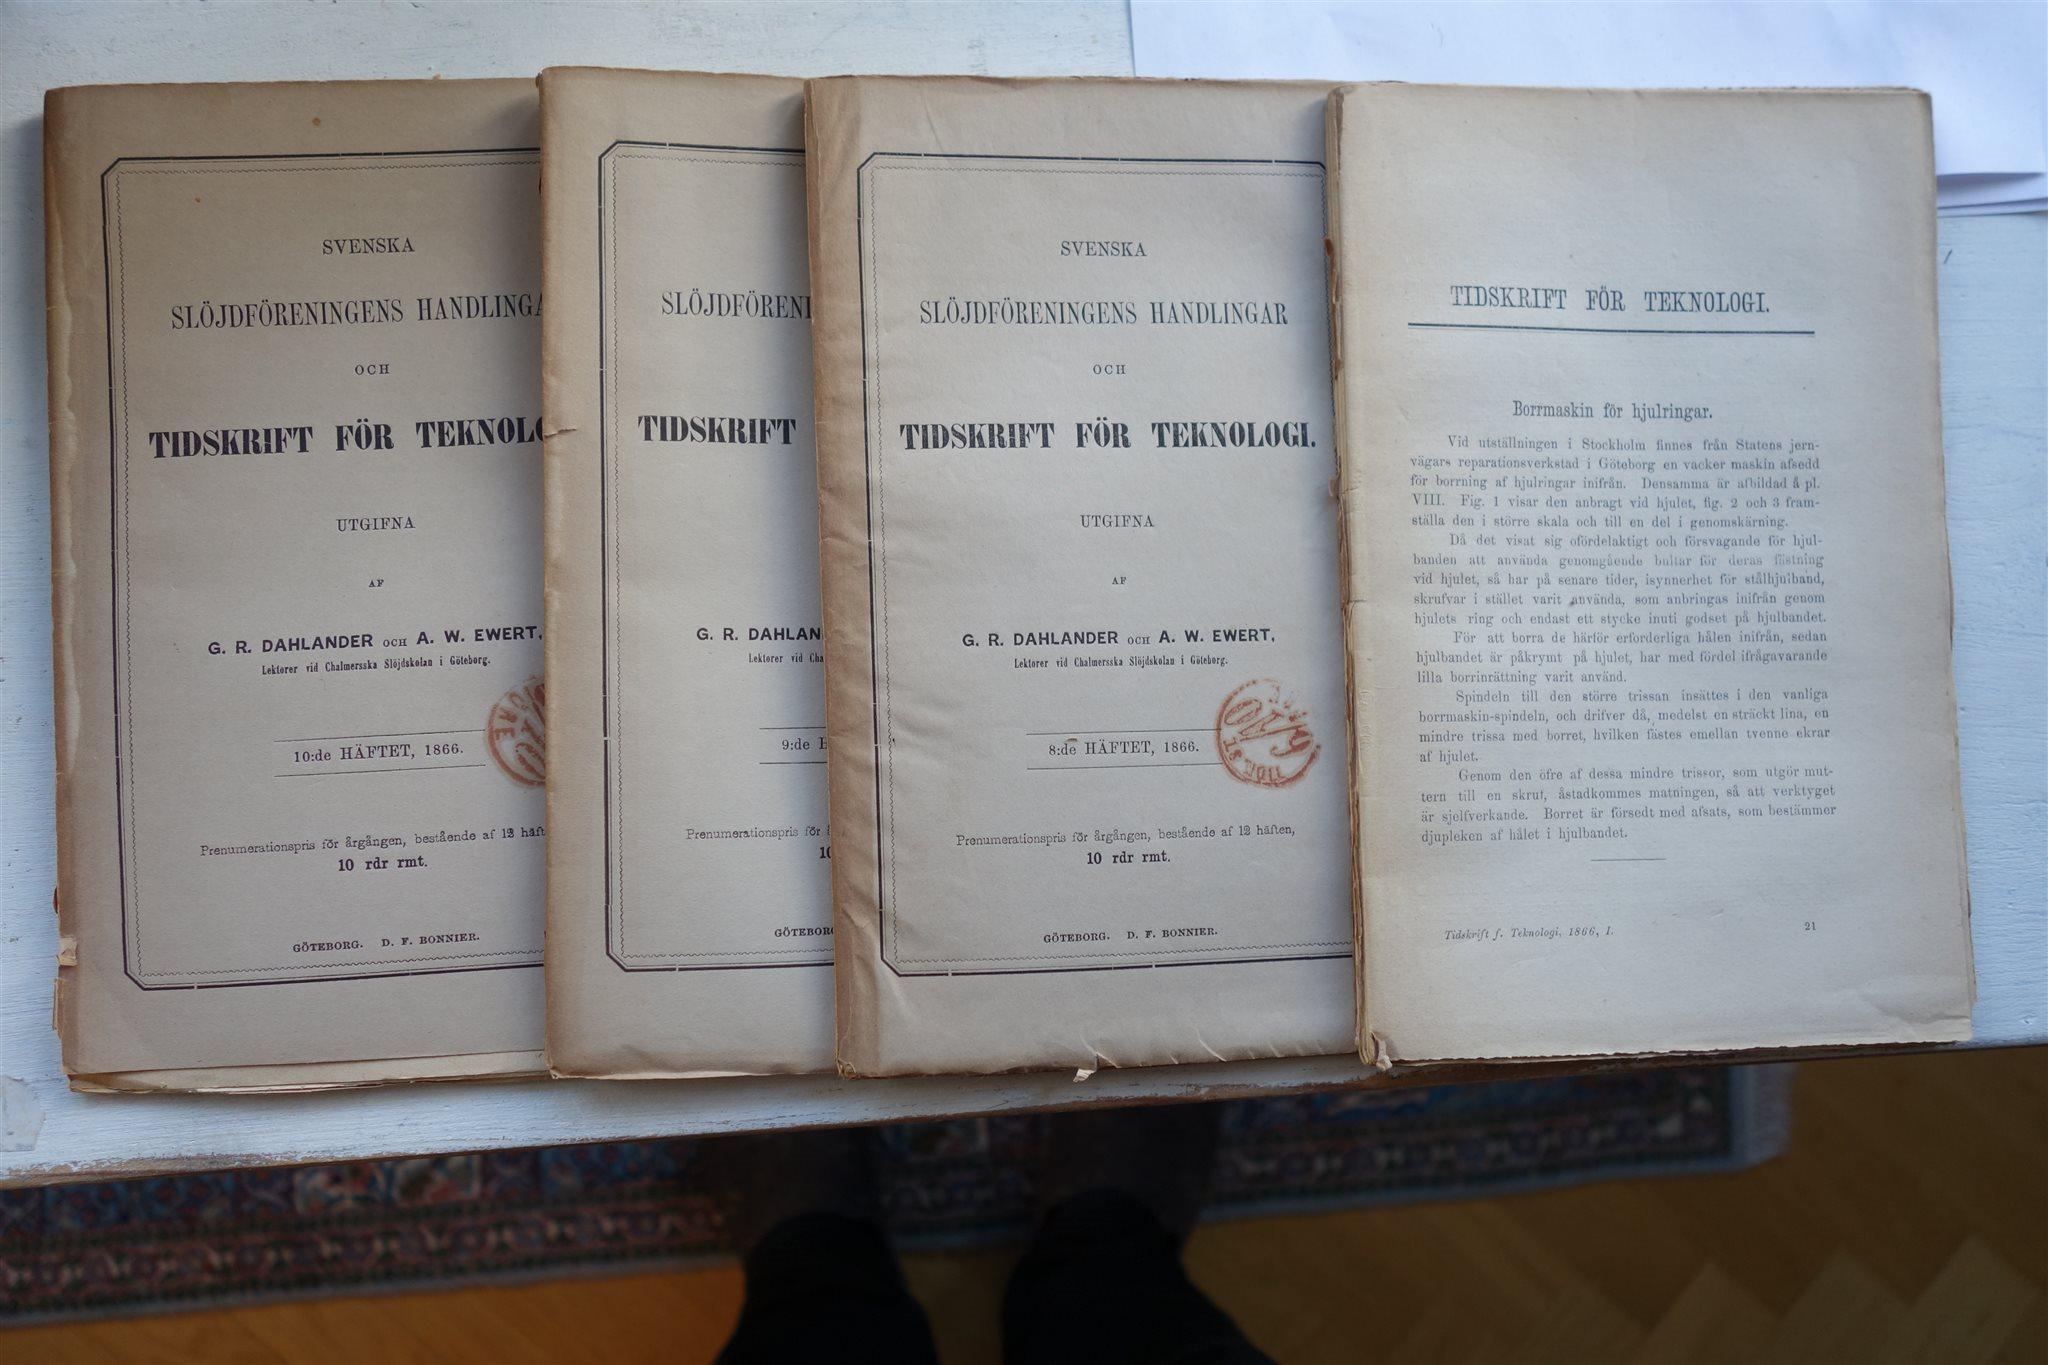 Svenska slöjdföreningens handlingar och Tidskrift Tidskrift Tidskrift för teknologi 1866 03b6c5